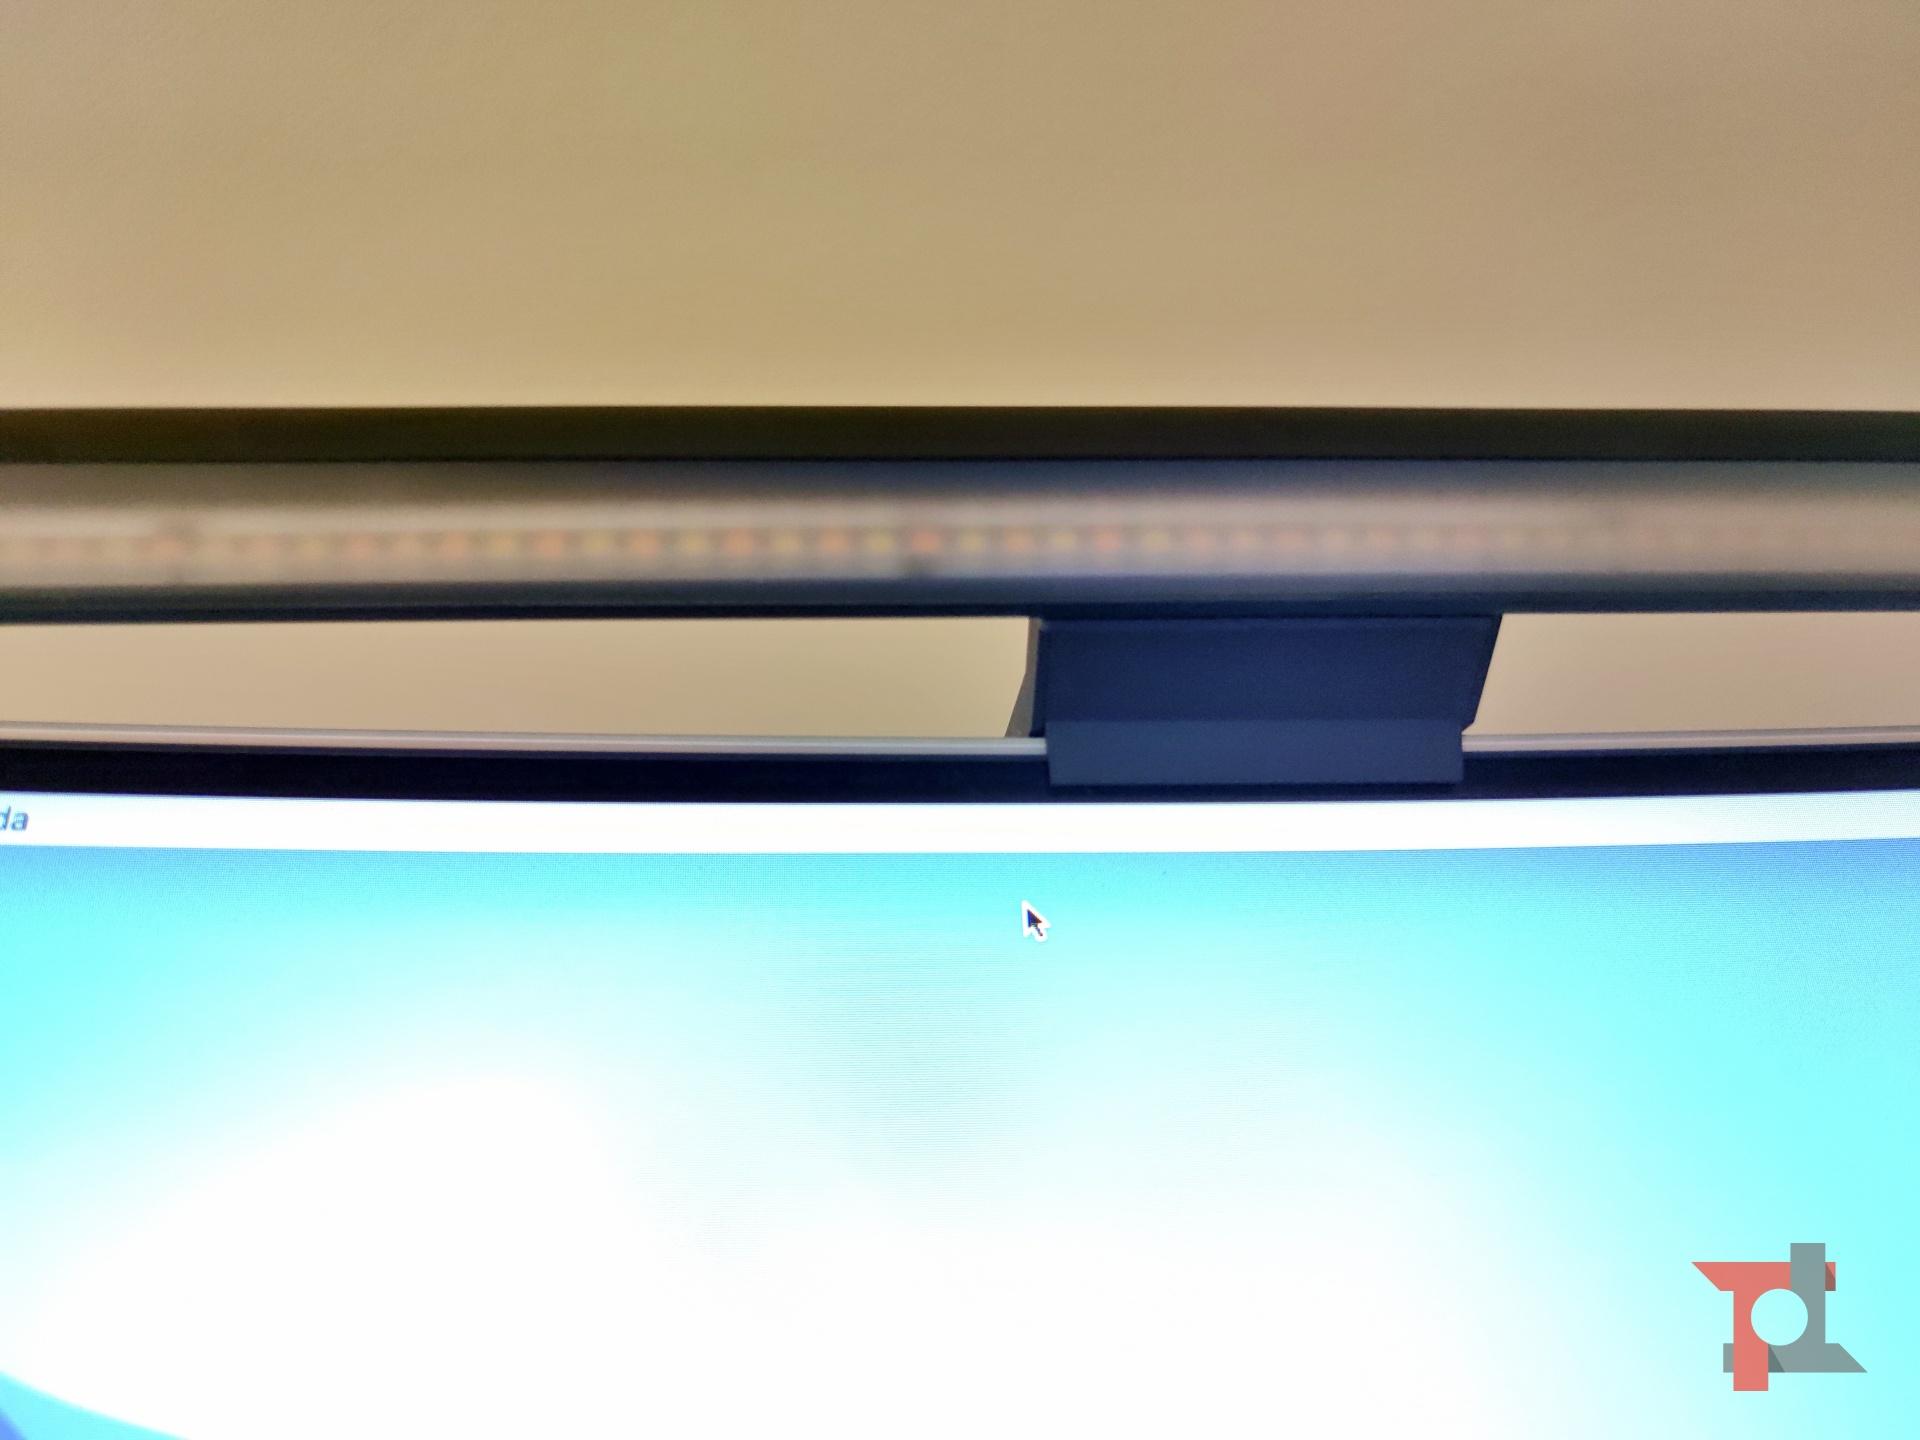 Recensione Xiaomi Mijia Monitor Lamp, luce da scrivania per tutti 9